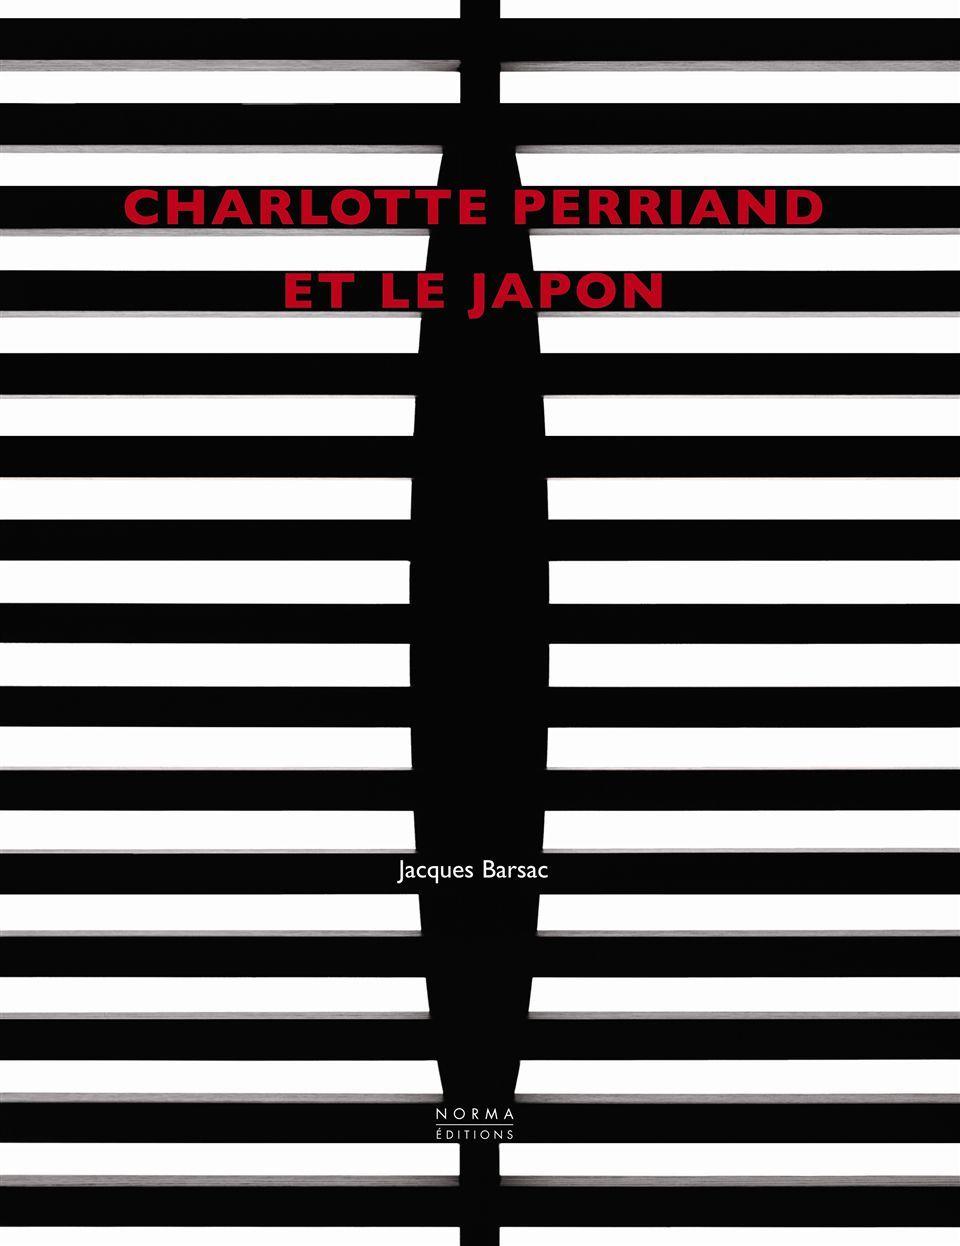 CHARLOTTE PERRIAND ET LE JAPON.